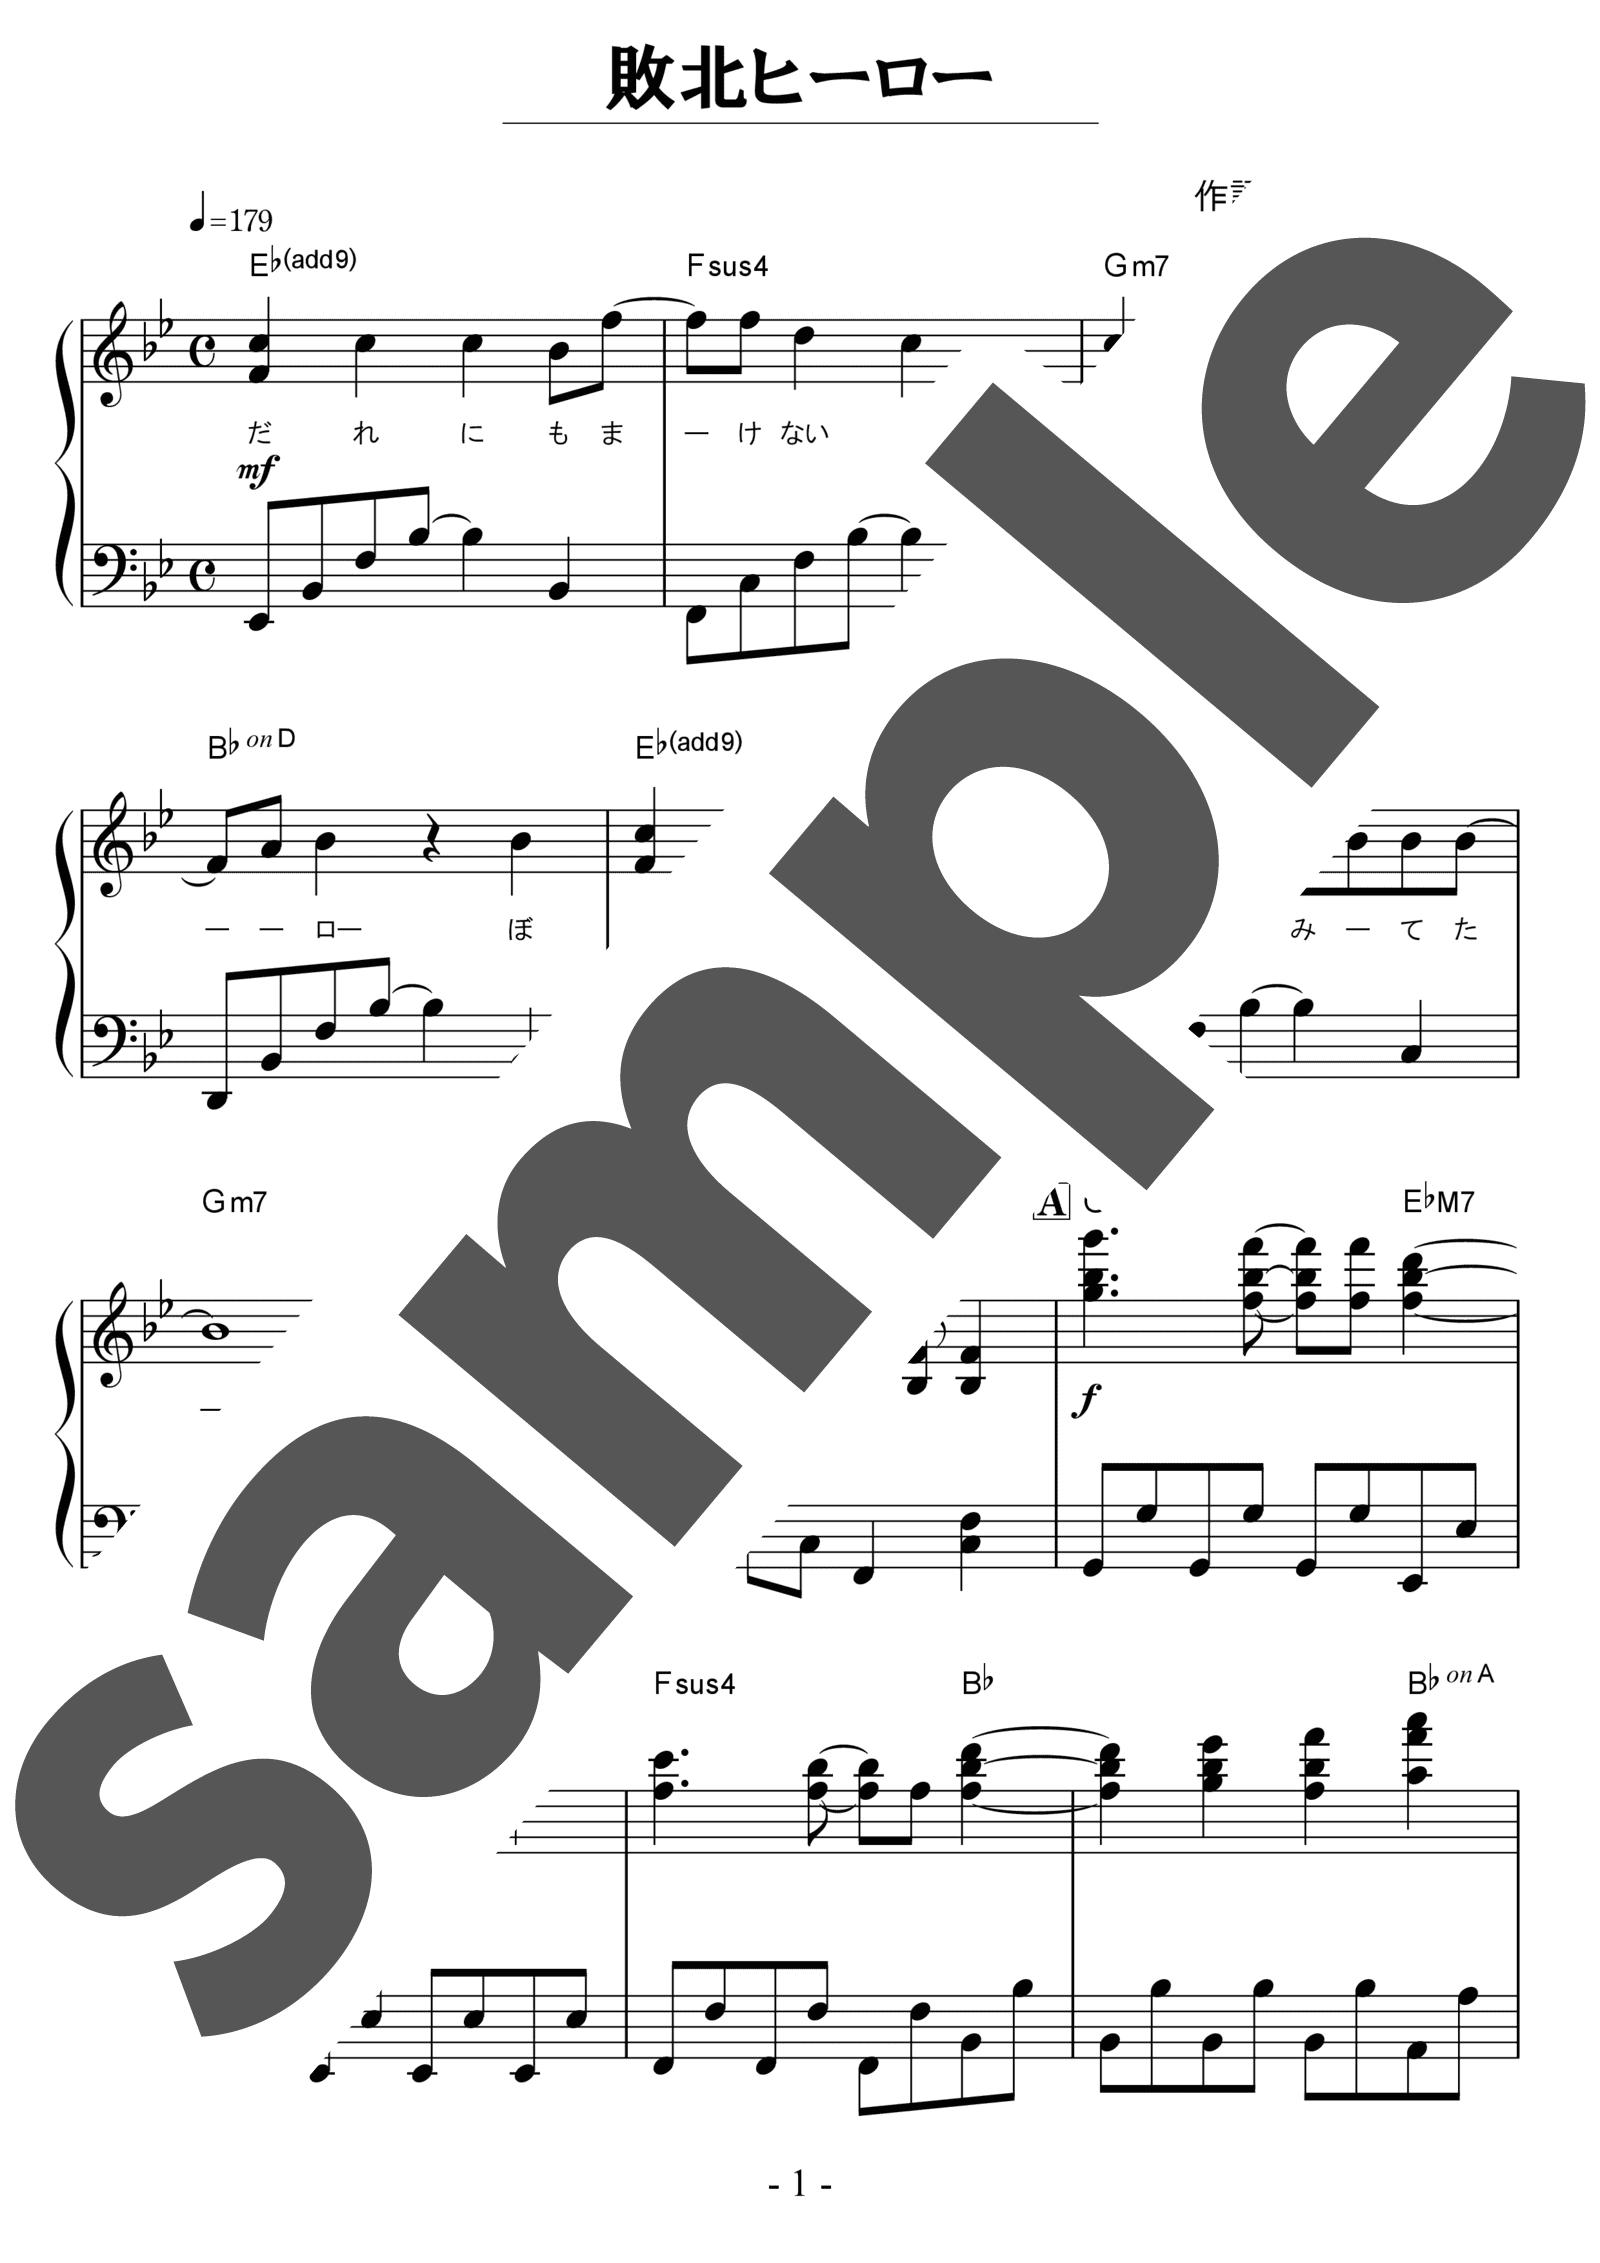 「敗北ヒーロー」のサンプル楽譜